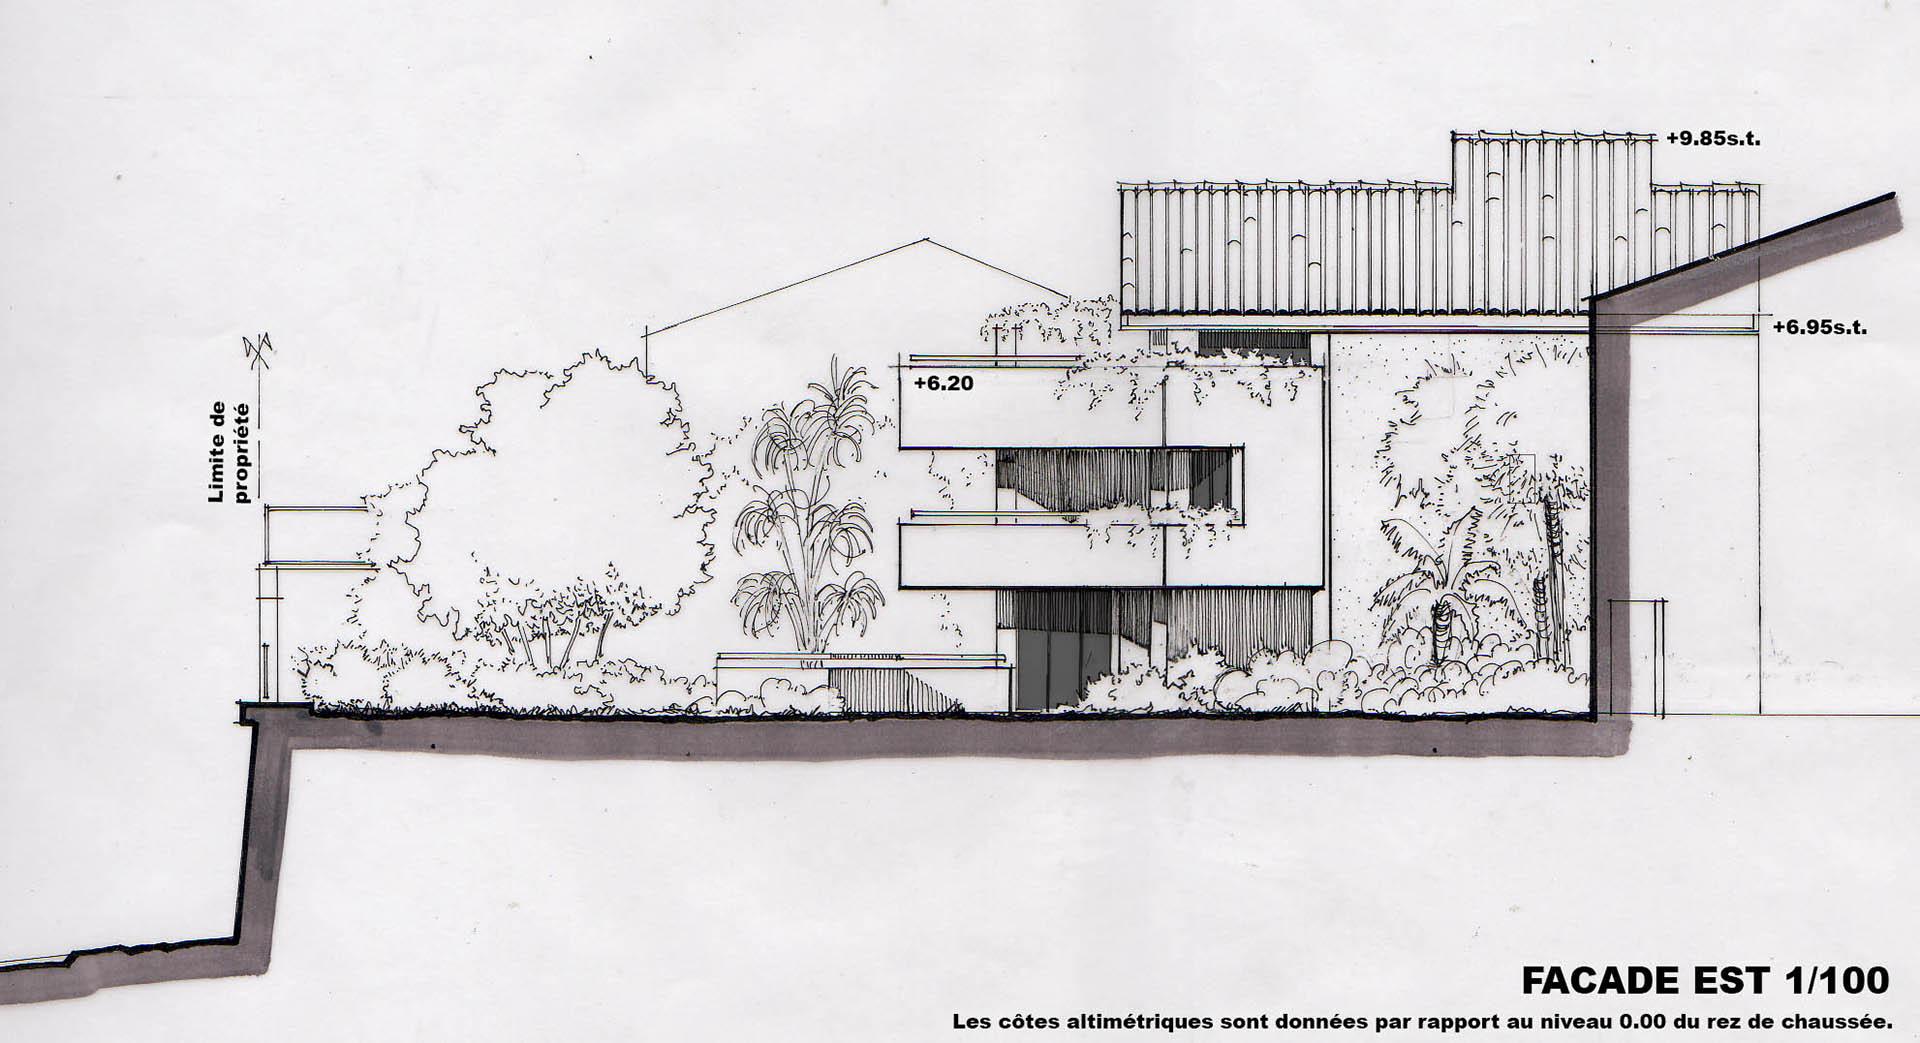 Une vue en plant d 39 une maison maison moderne for Plant d une maison